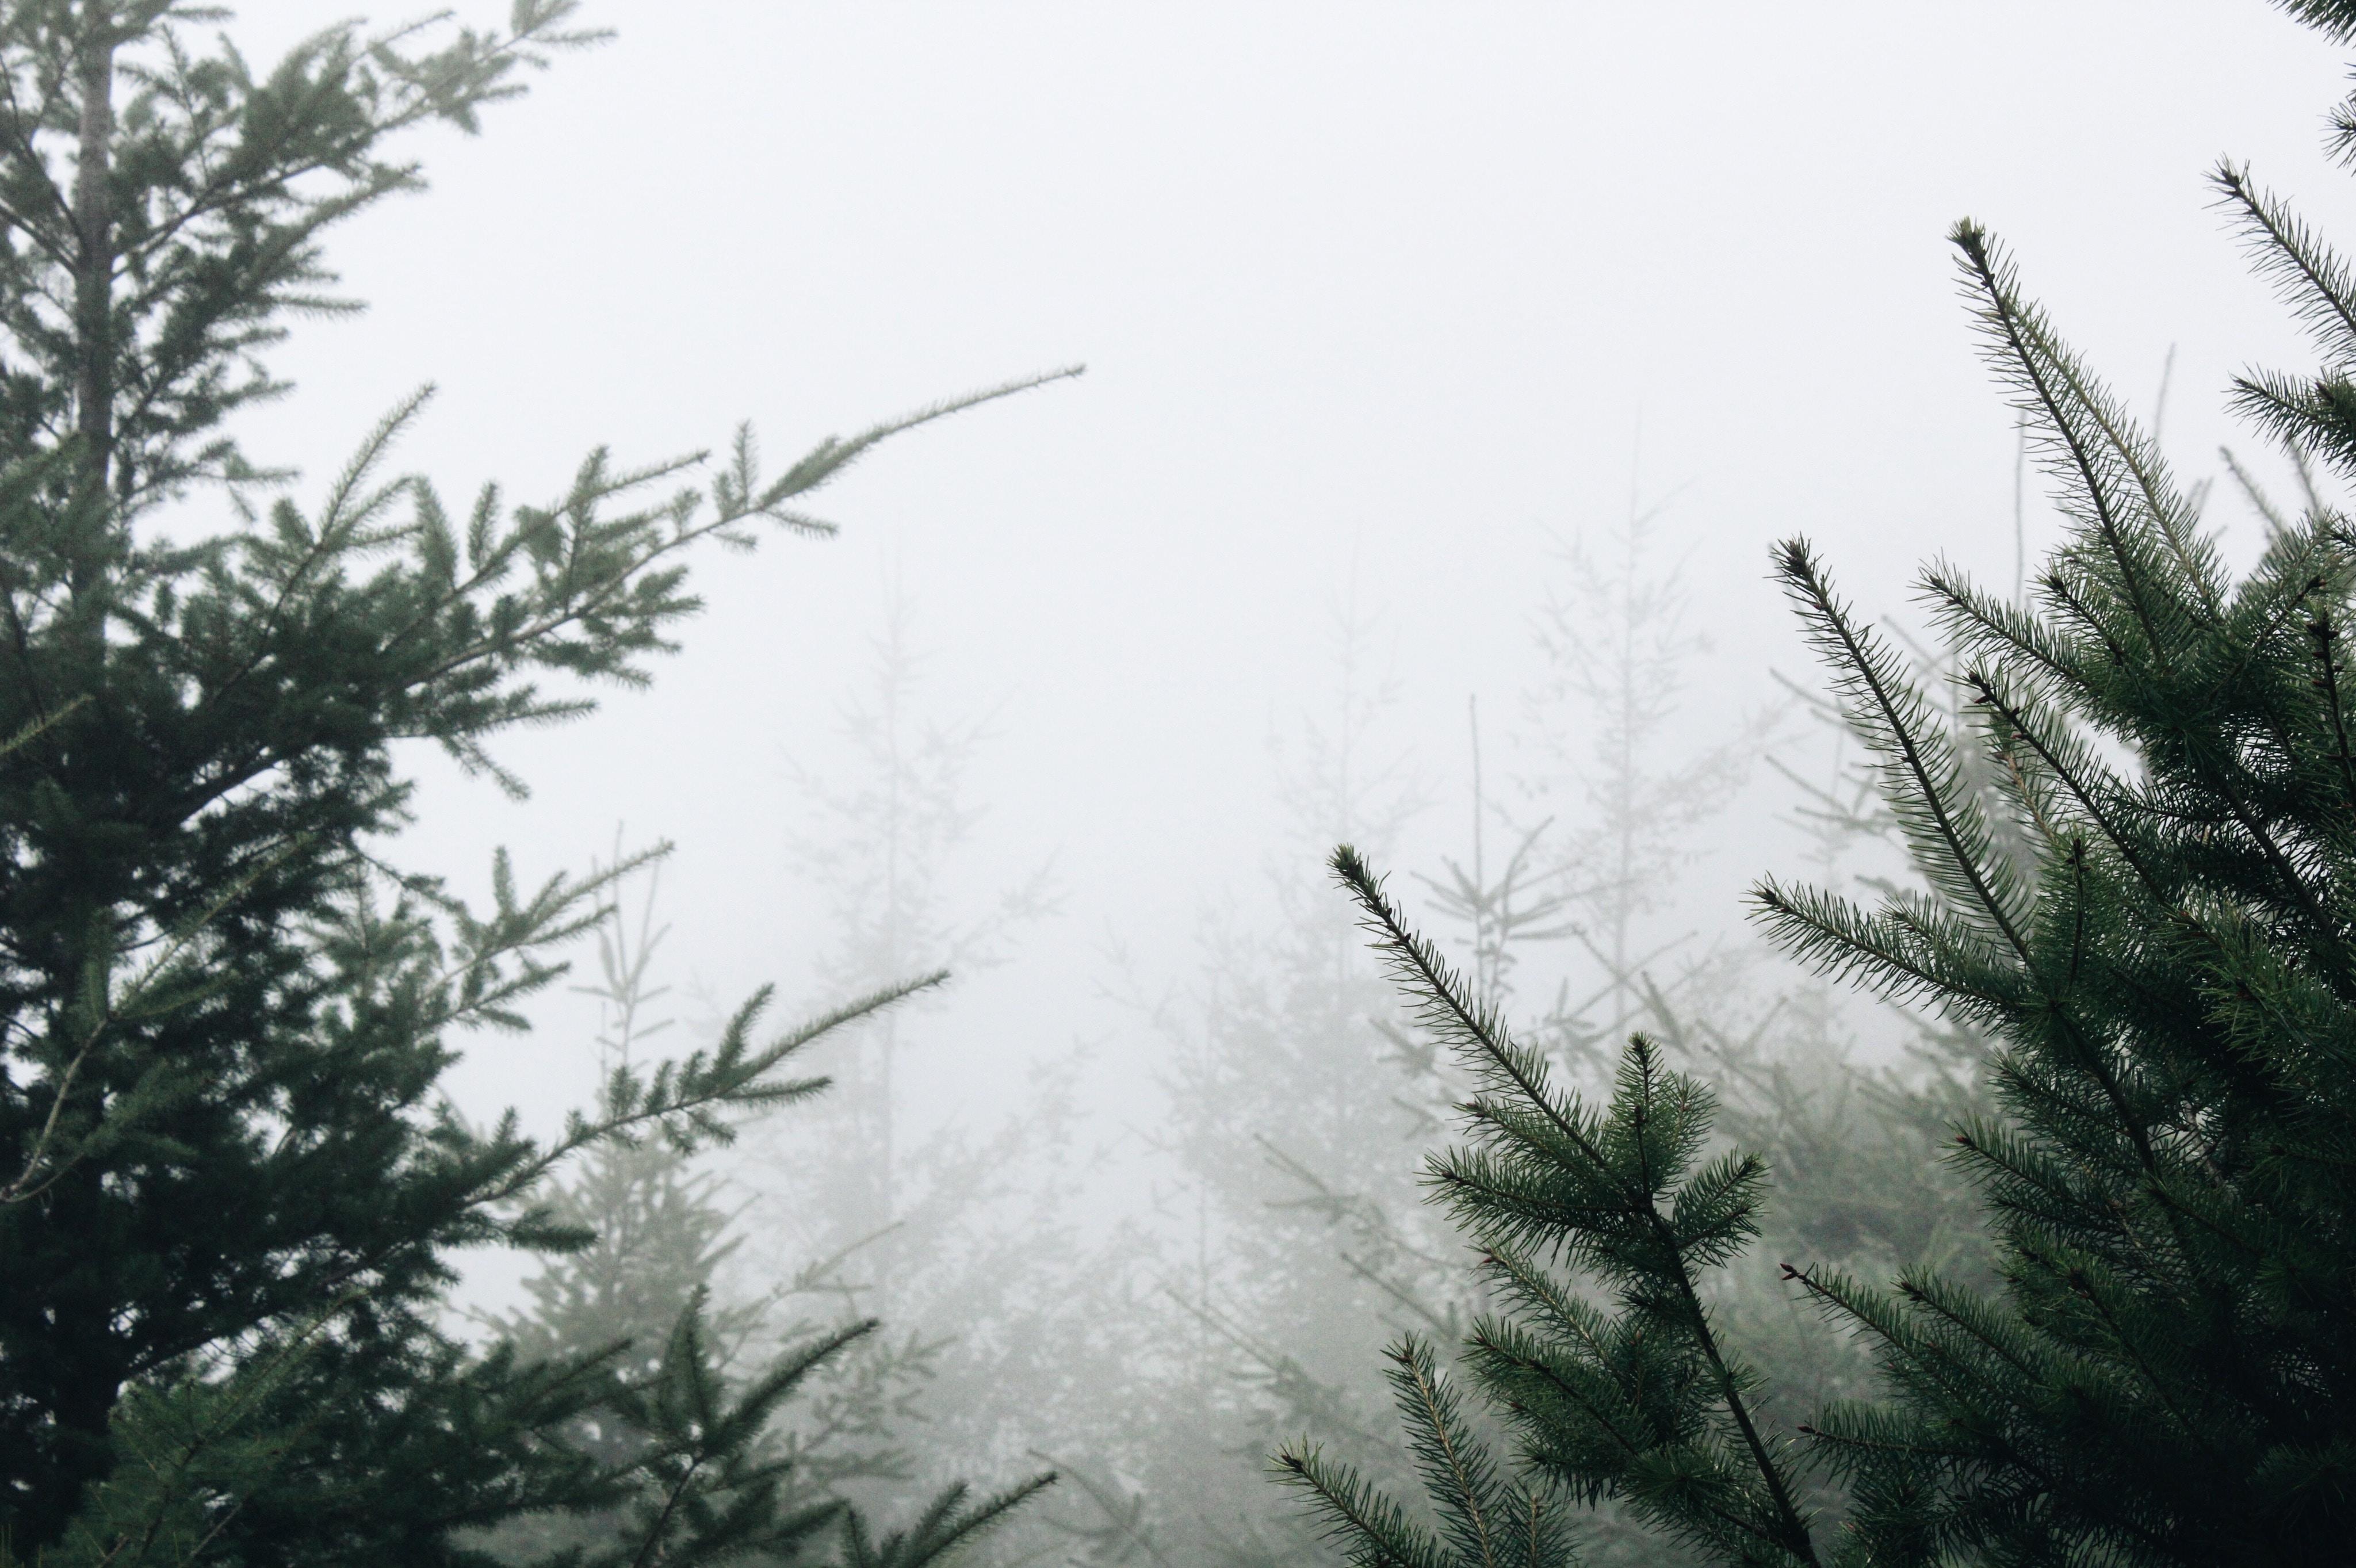 White mist around green conifer branches